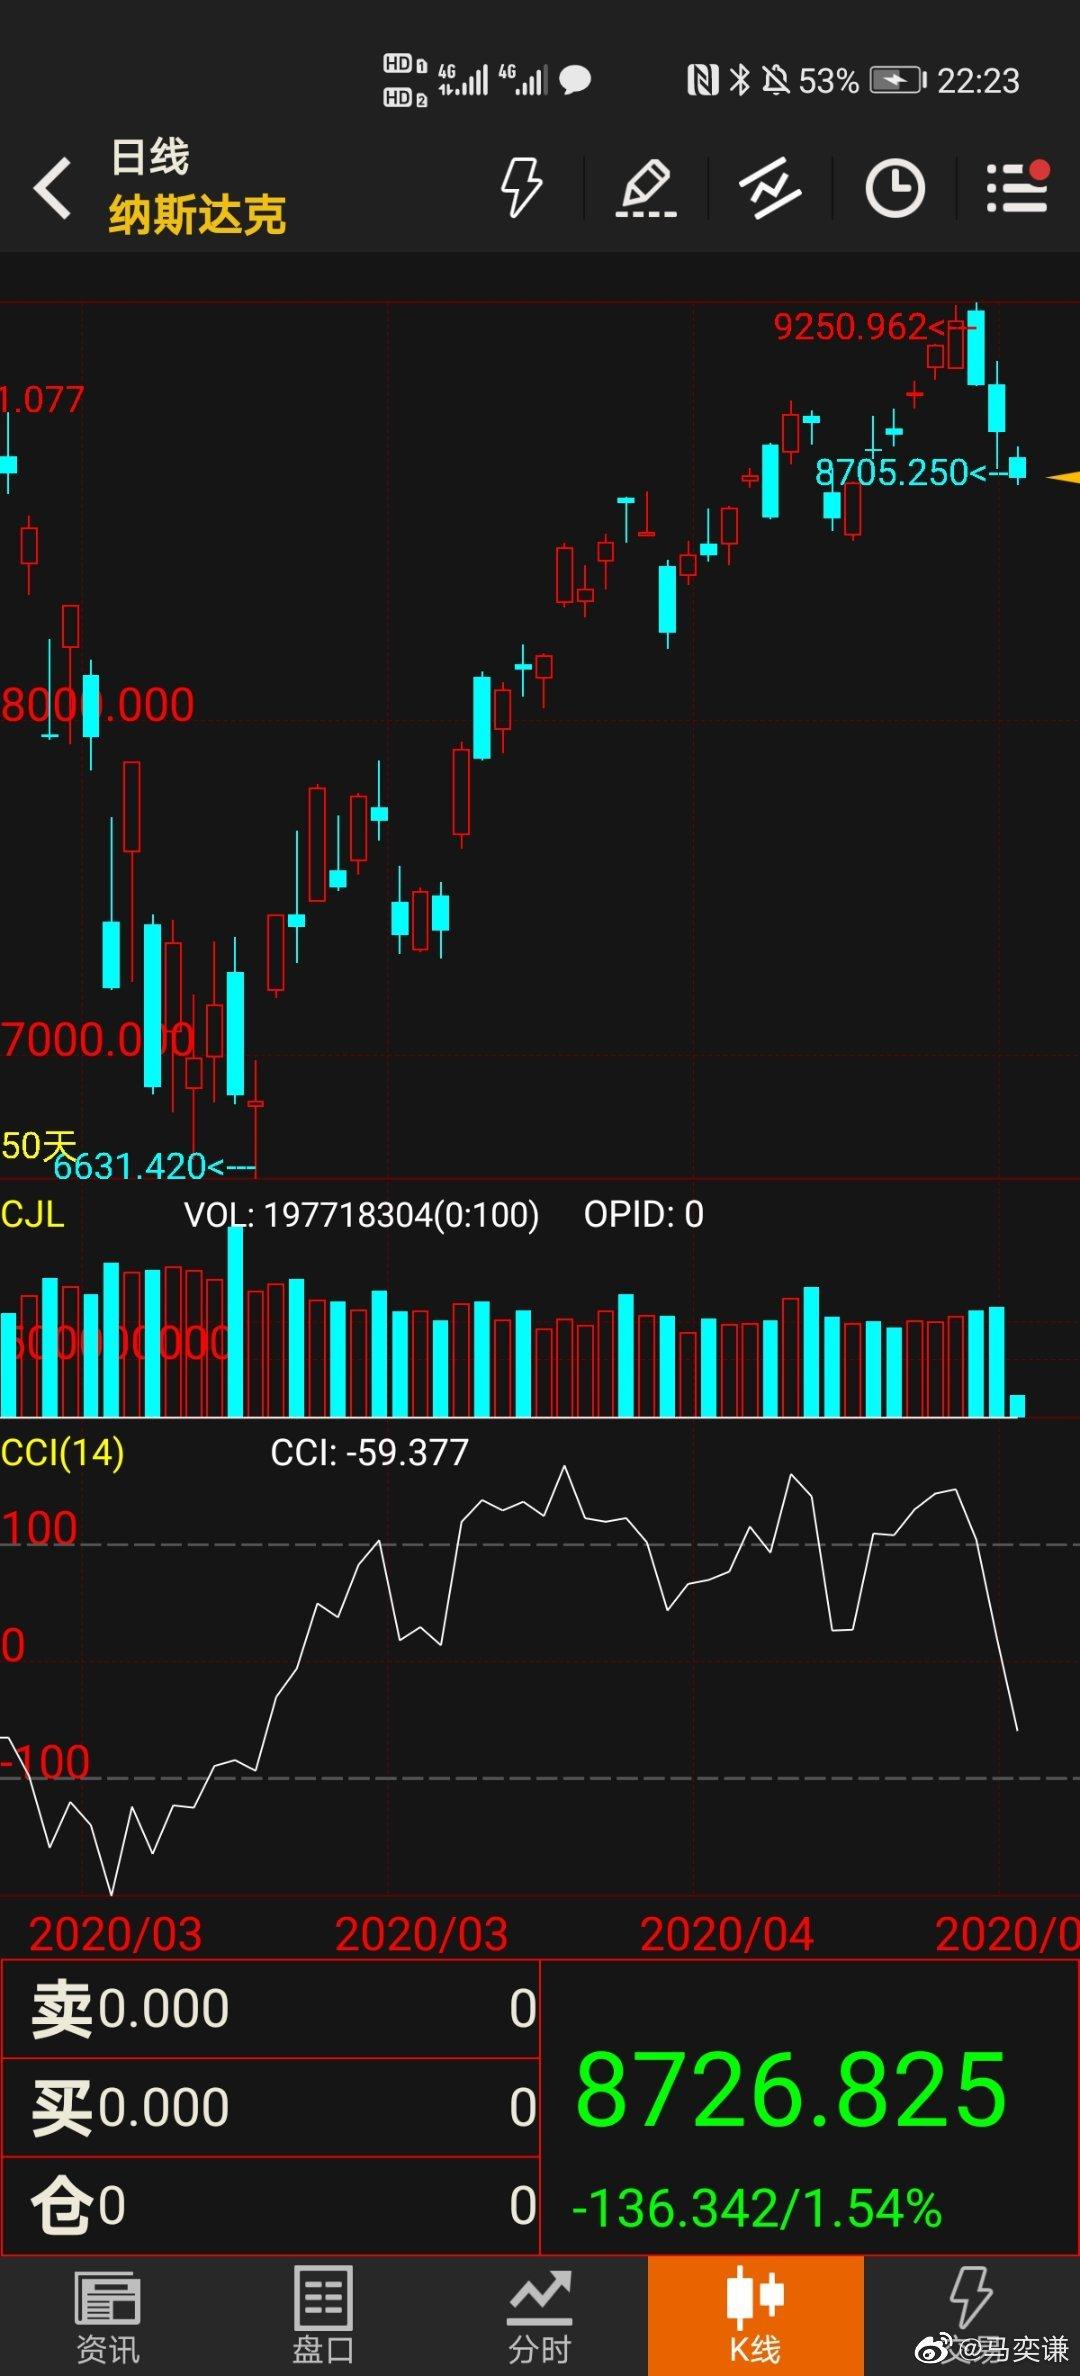 美股大跌,预计明天A股也会延续弱势势头。前期获利